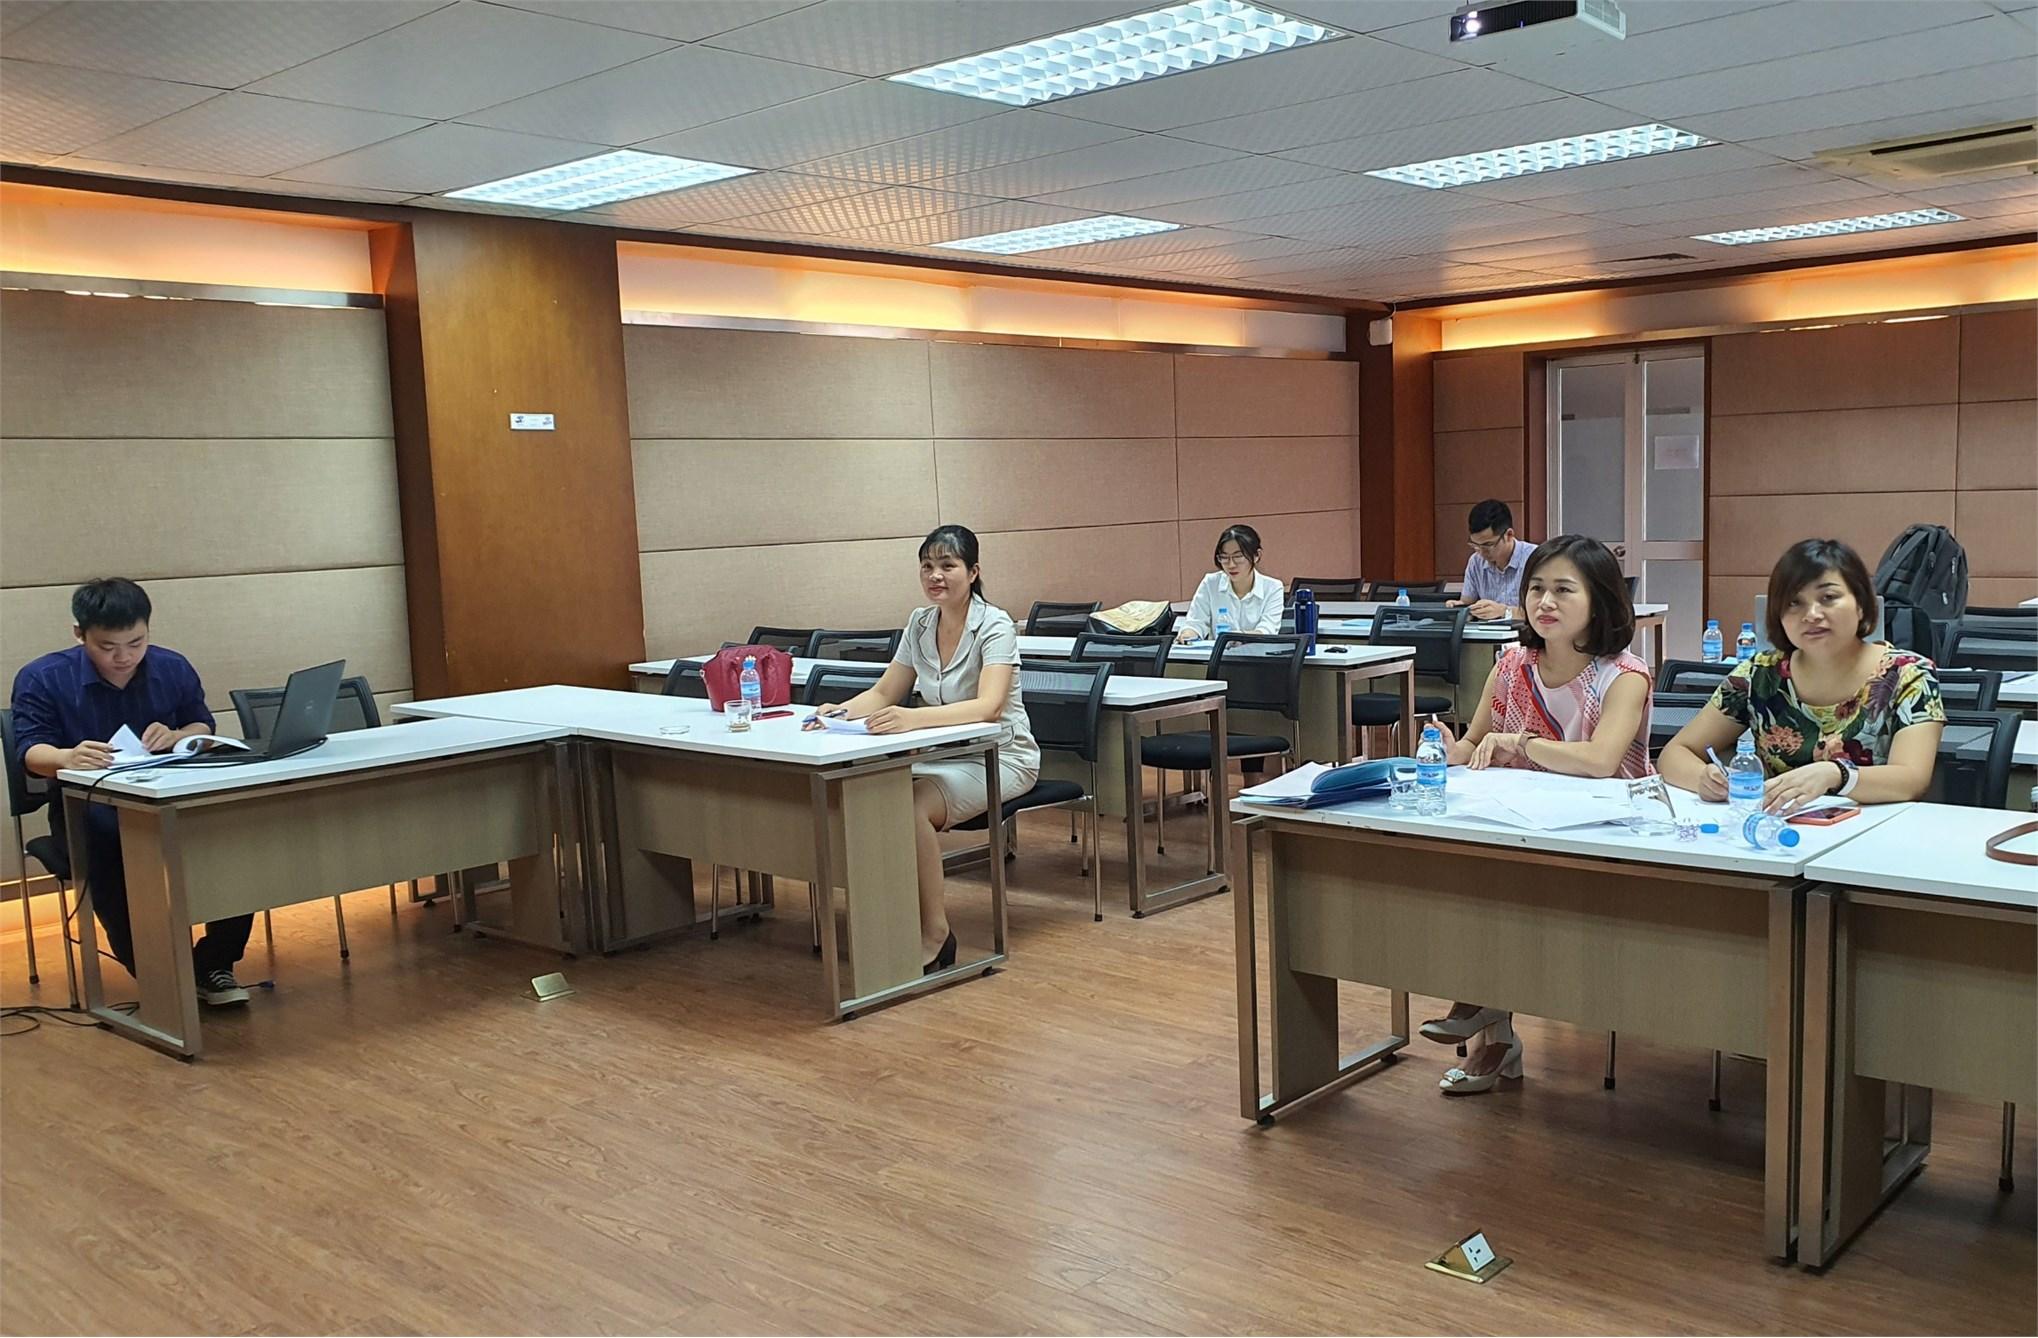 Tổ chức thẩm định đánh giá đề cương luận văn thạc sĩ ngành Kế toán – Cao học khóa 9 đợt 1 (2019-2021)